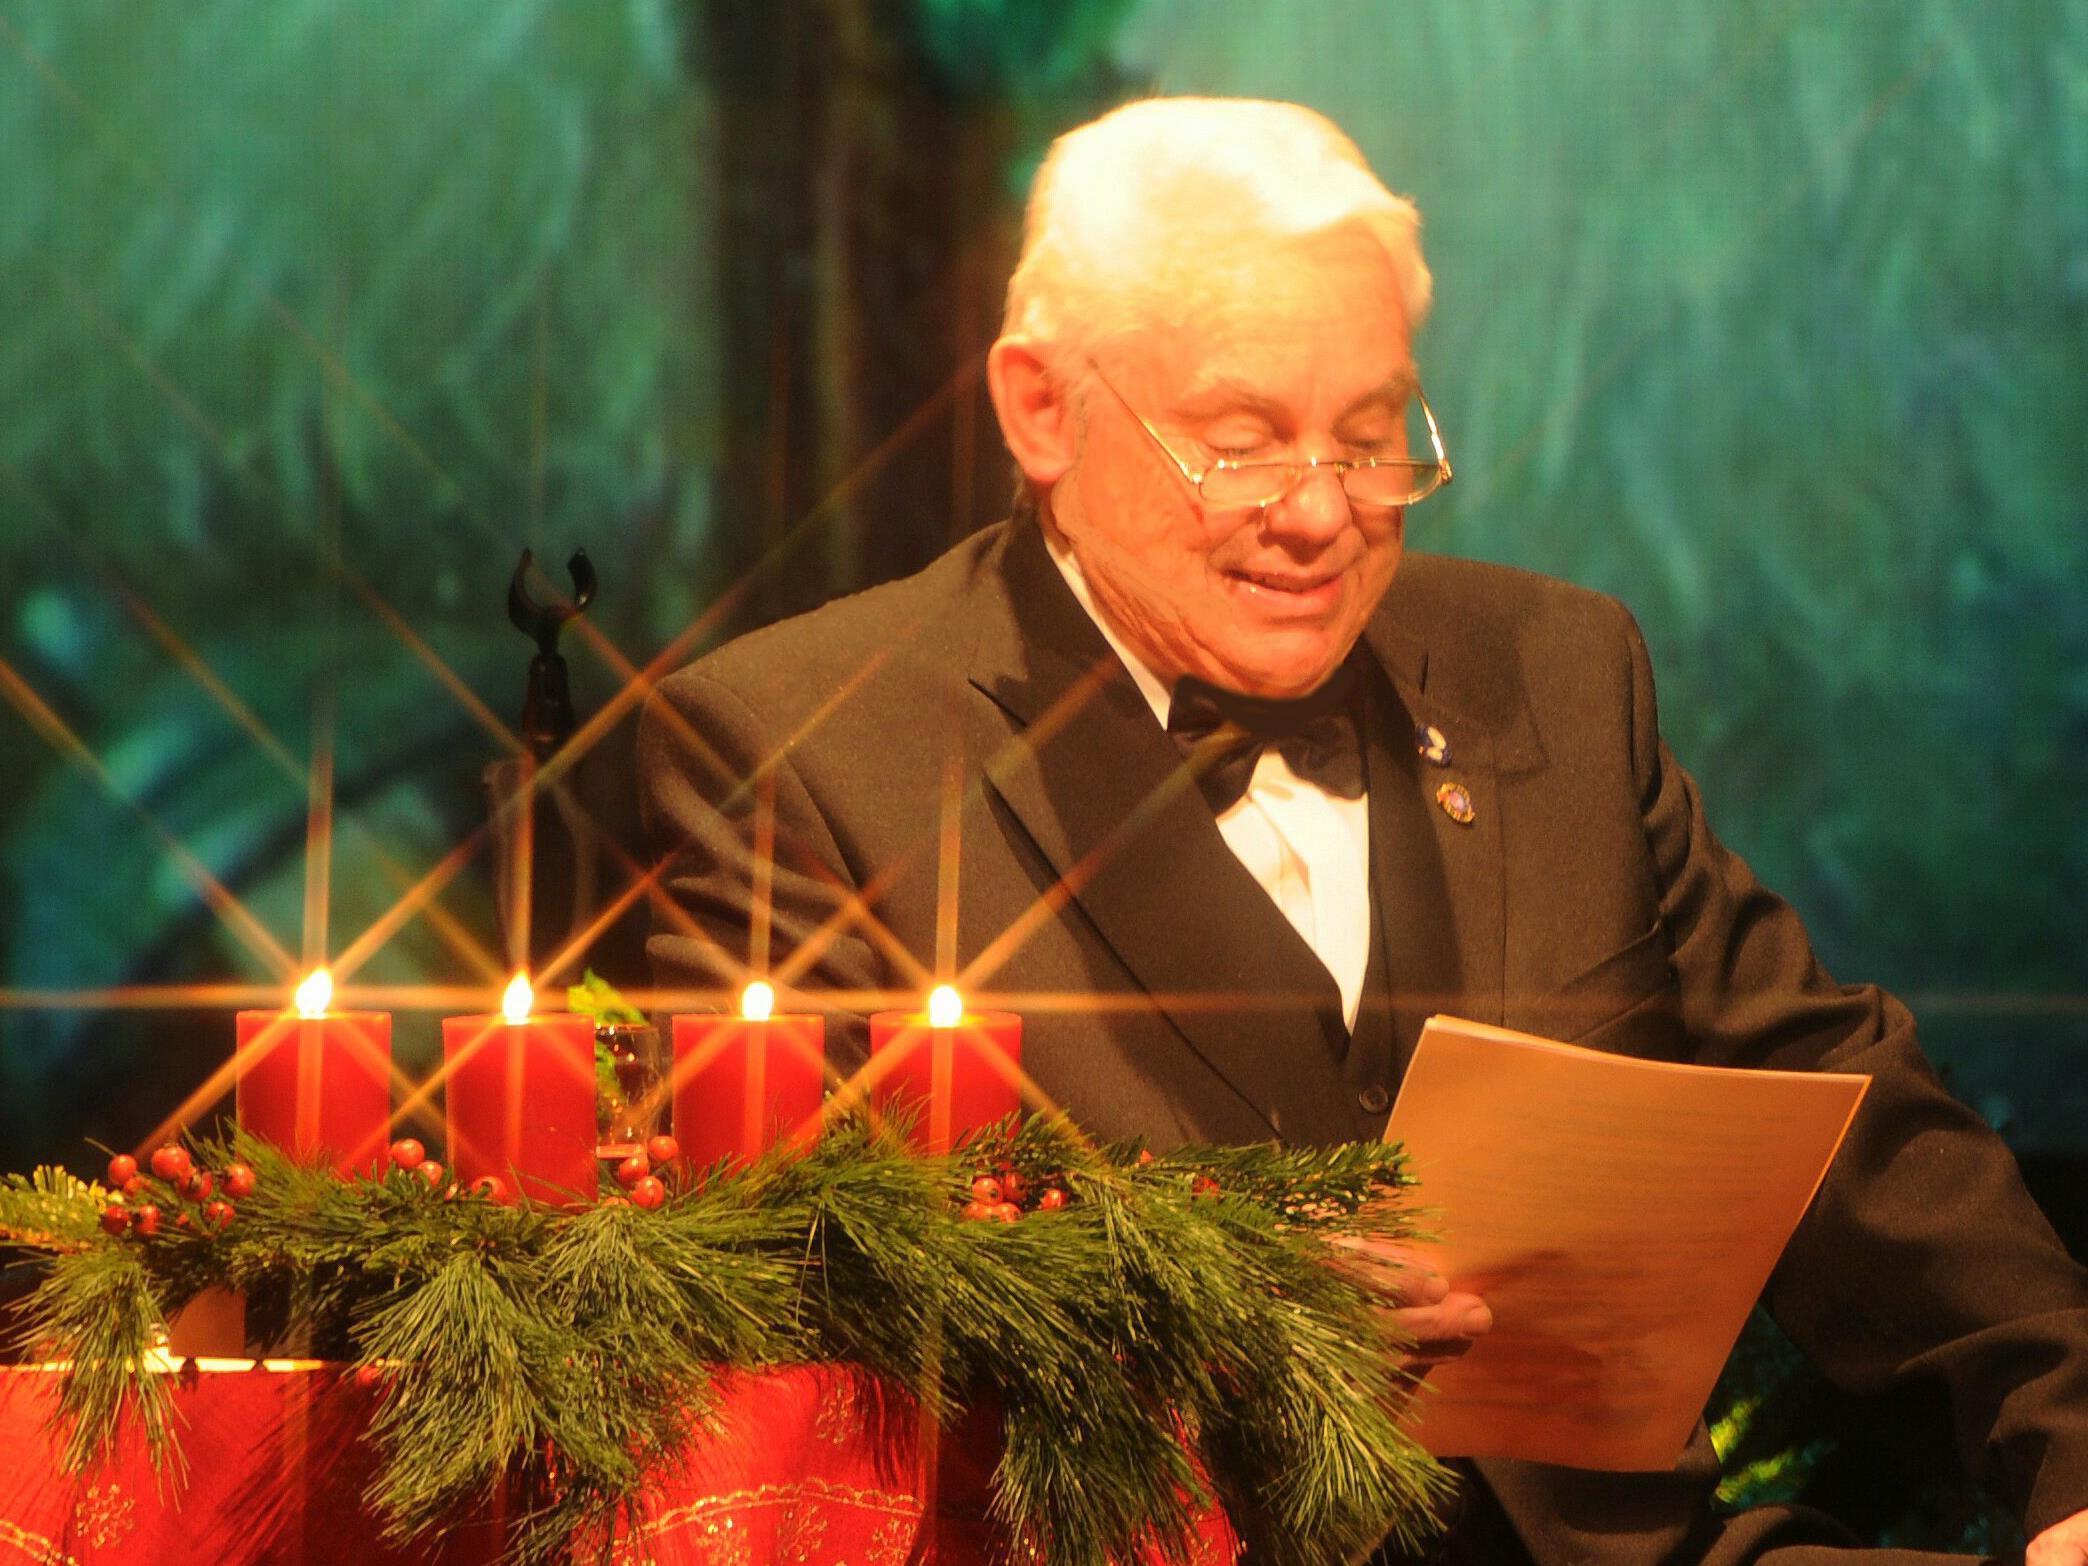 Mit schönen Klängen und besinnlichen Texten stimmt Günther Lutz kommenden Sonntag seine Besucher auf Weihnachten ein.